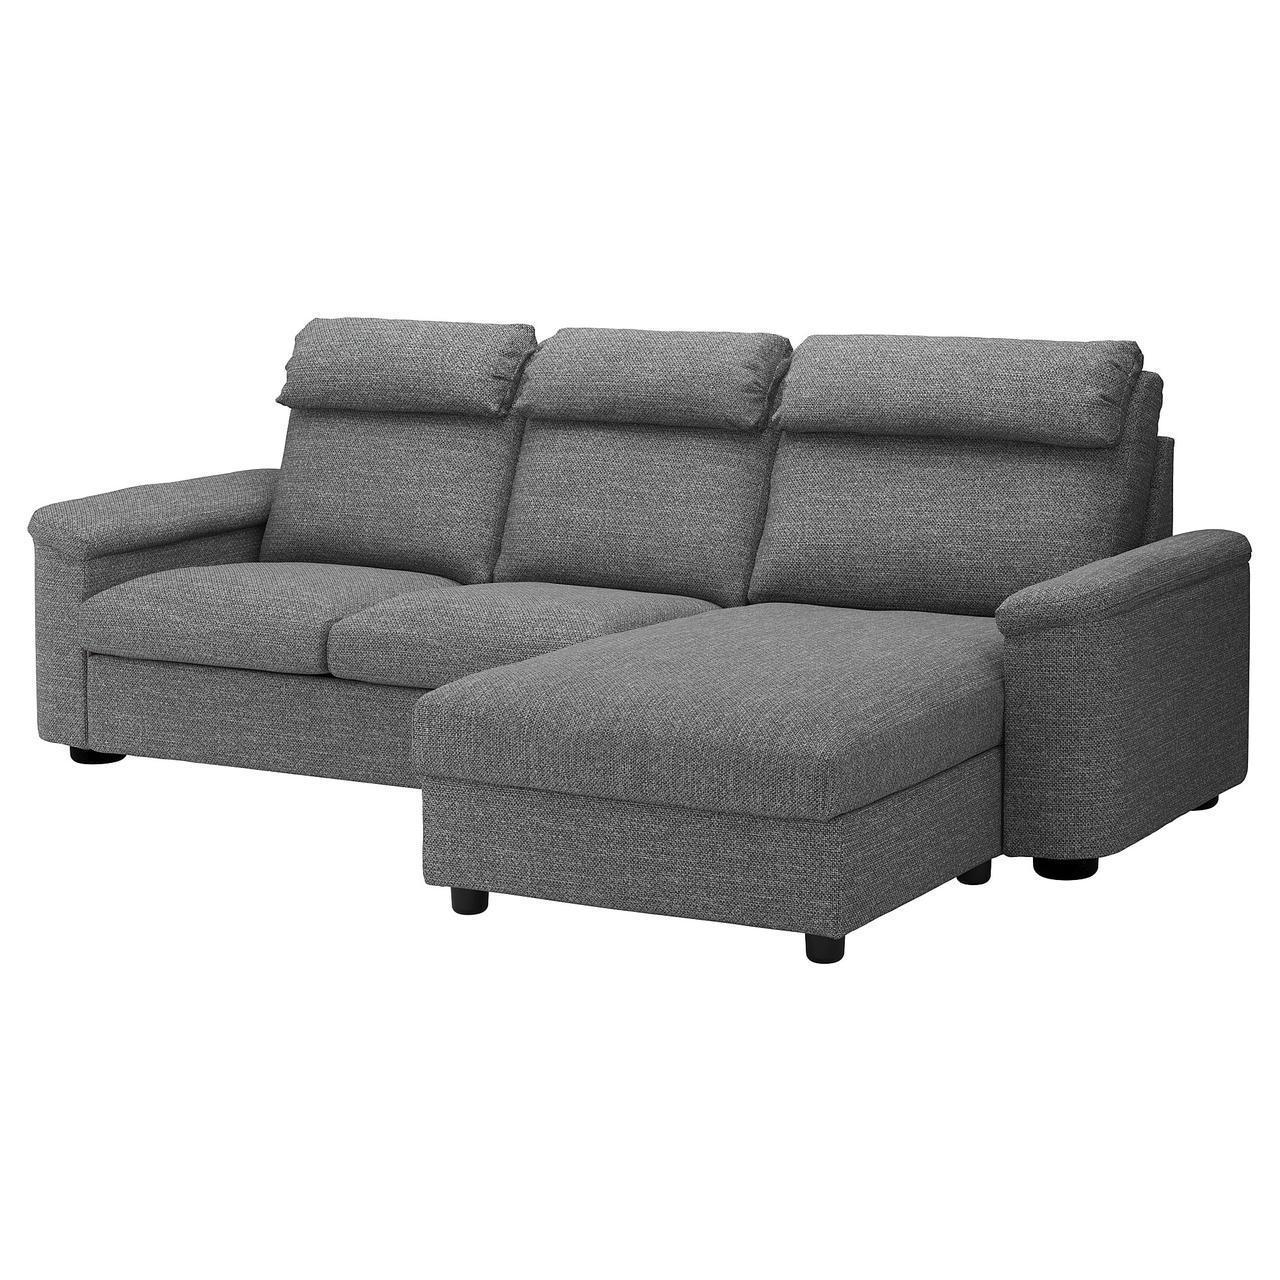 Диван IKEA LIDHULT 3-местный с шезлонгом Lejde серый 992.571.81